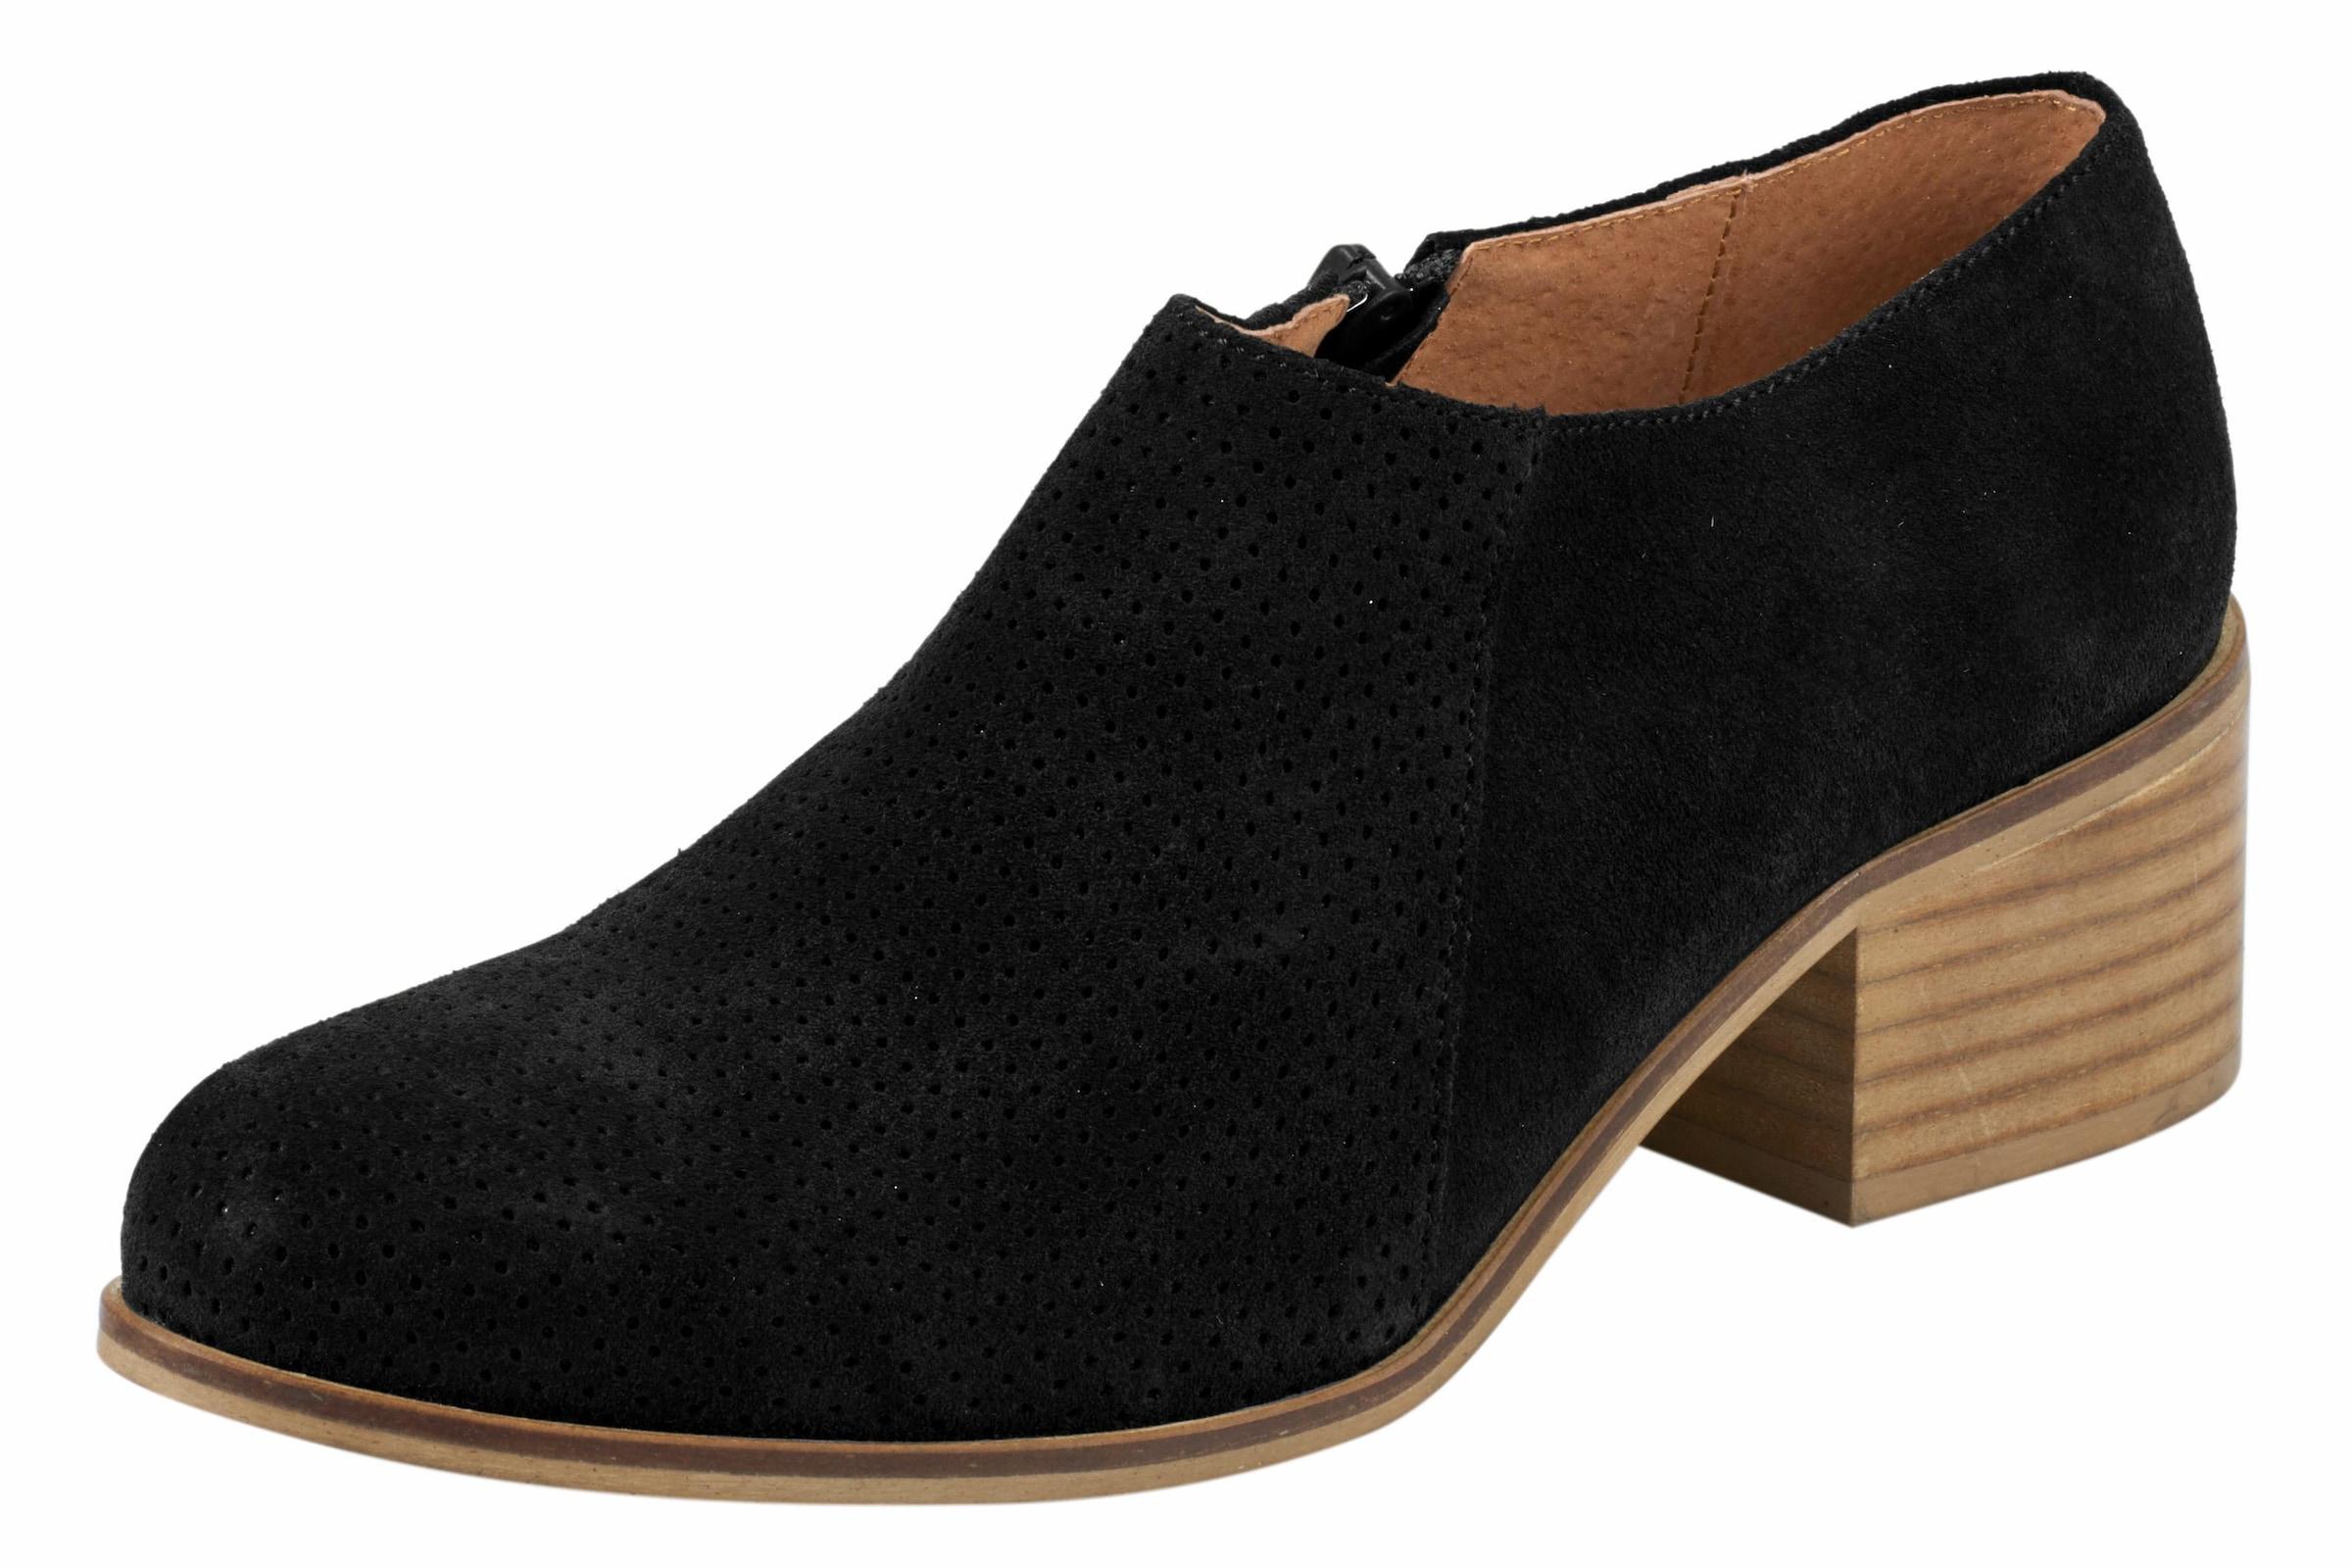 Haltbare Mode billige Schuhe heine | Stiefelette aus Veloursleder Schuhe Gut getragene Schuhe